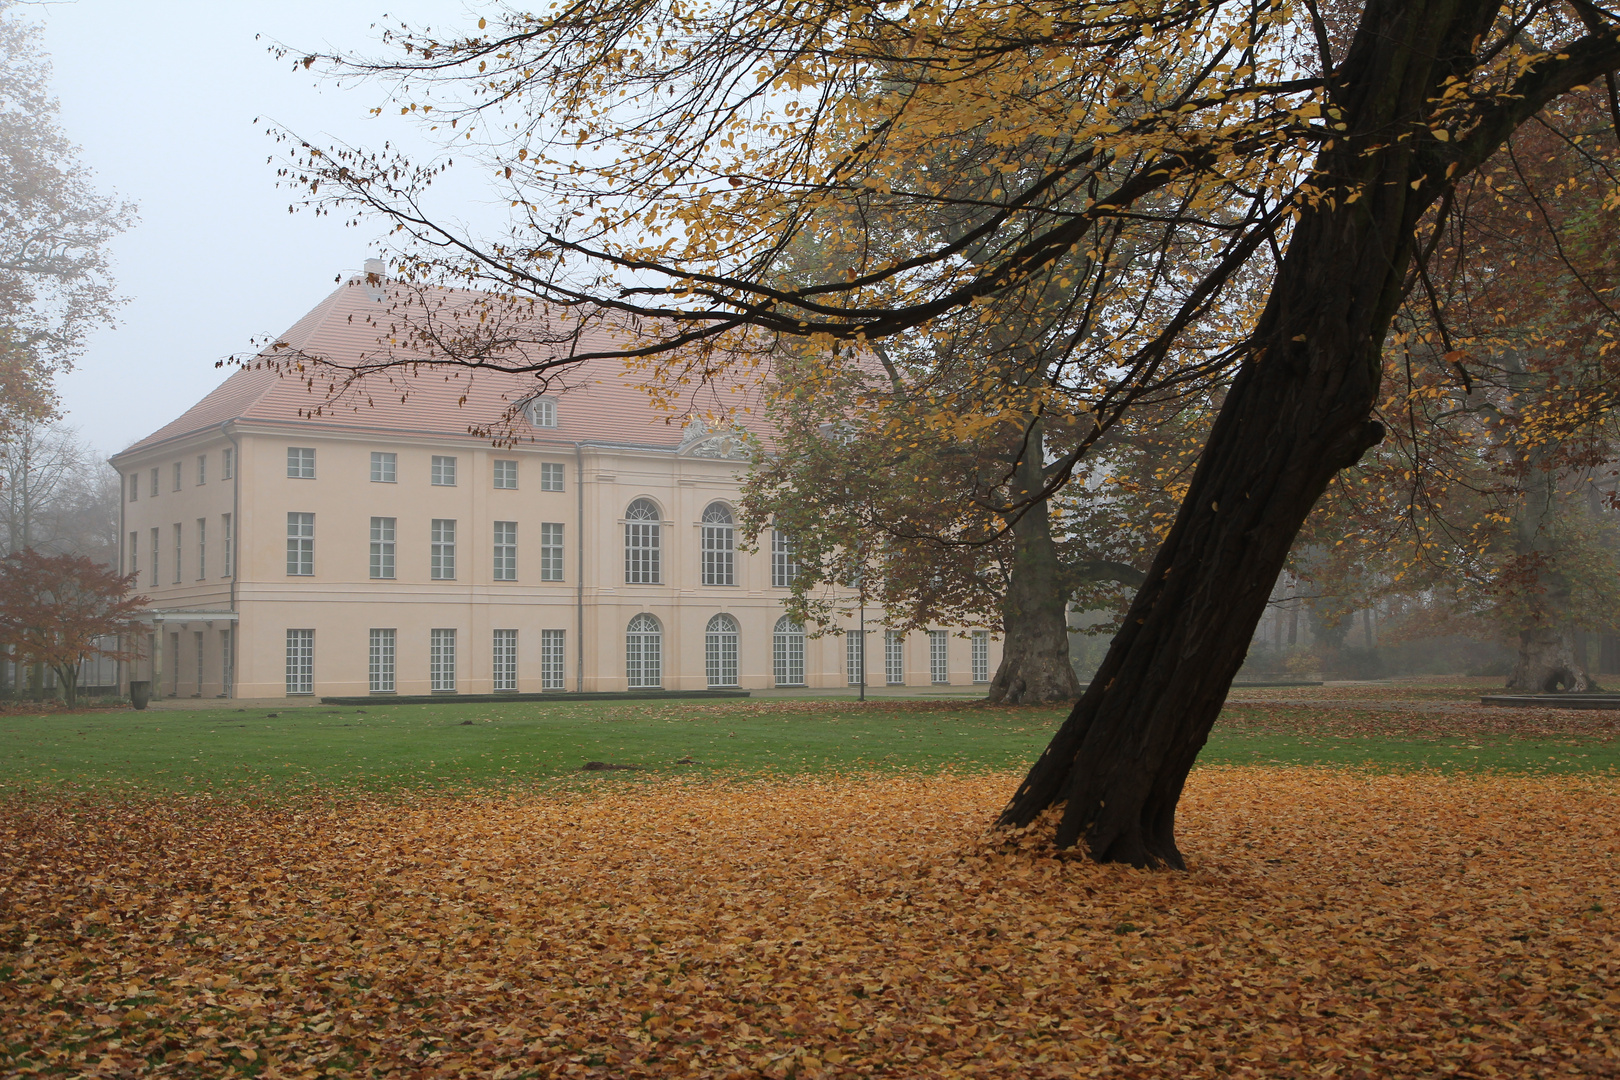 Herbst in Berlin - Schlosspark Niederschönhausen